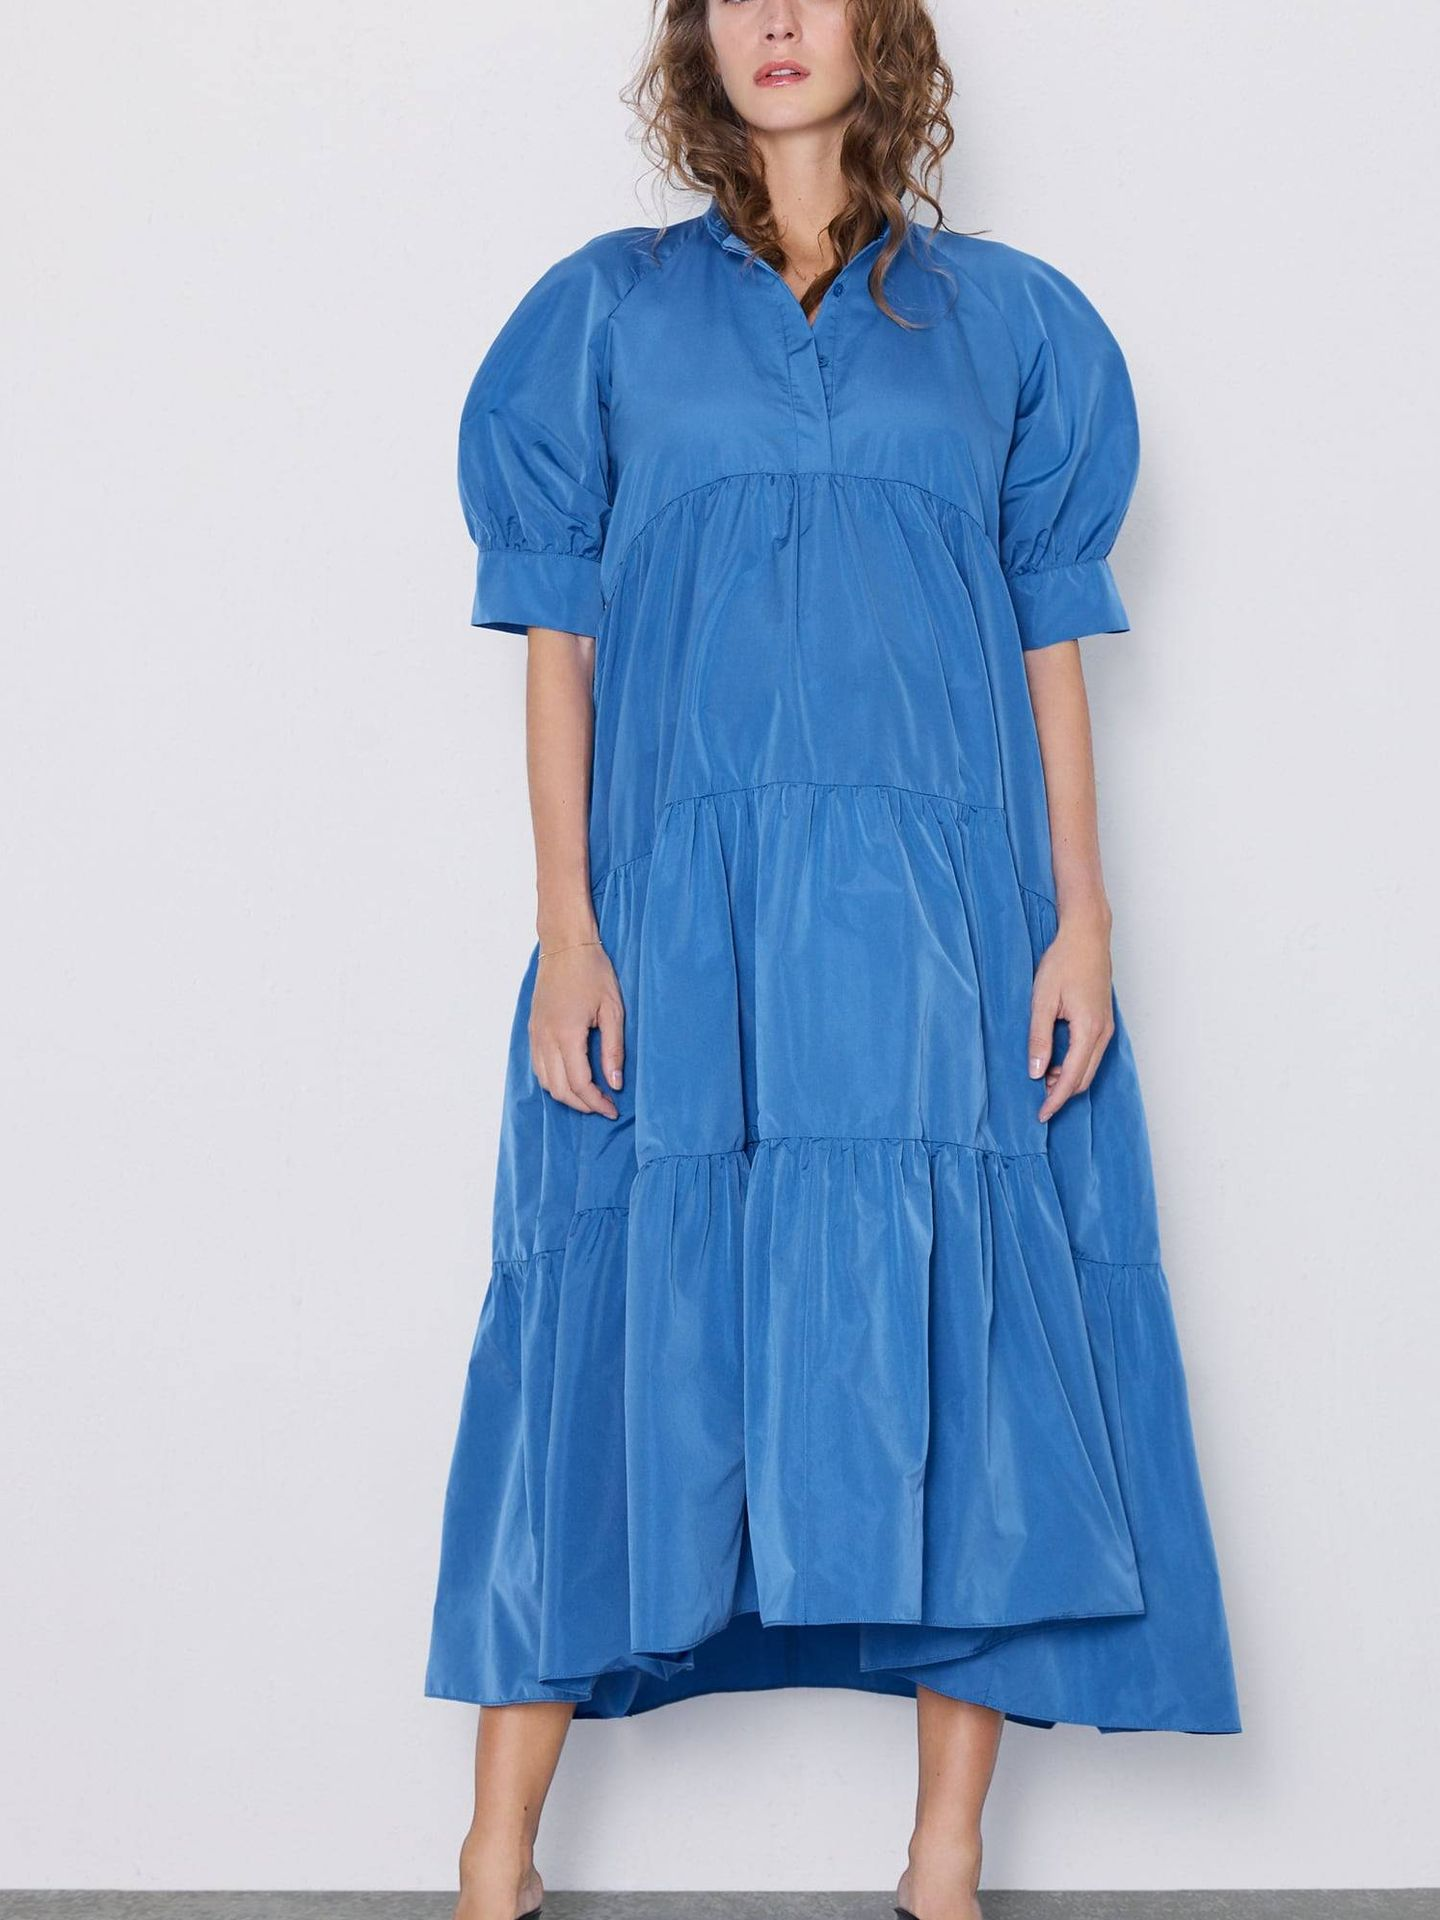 Vestido azul. (Cortesía)